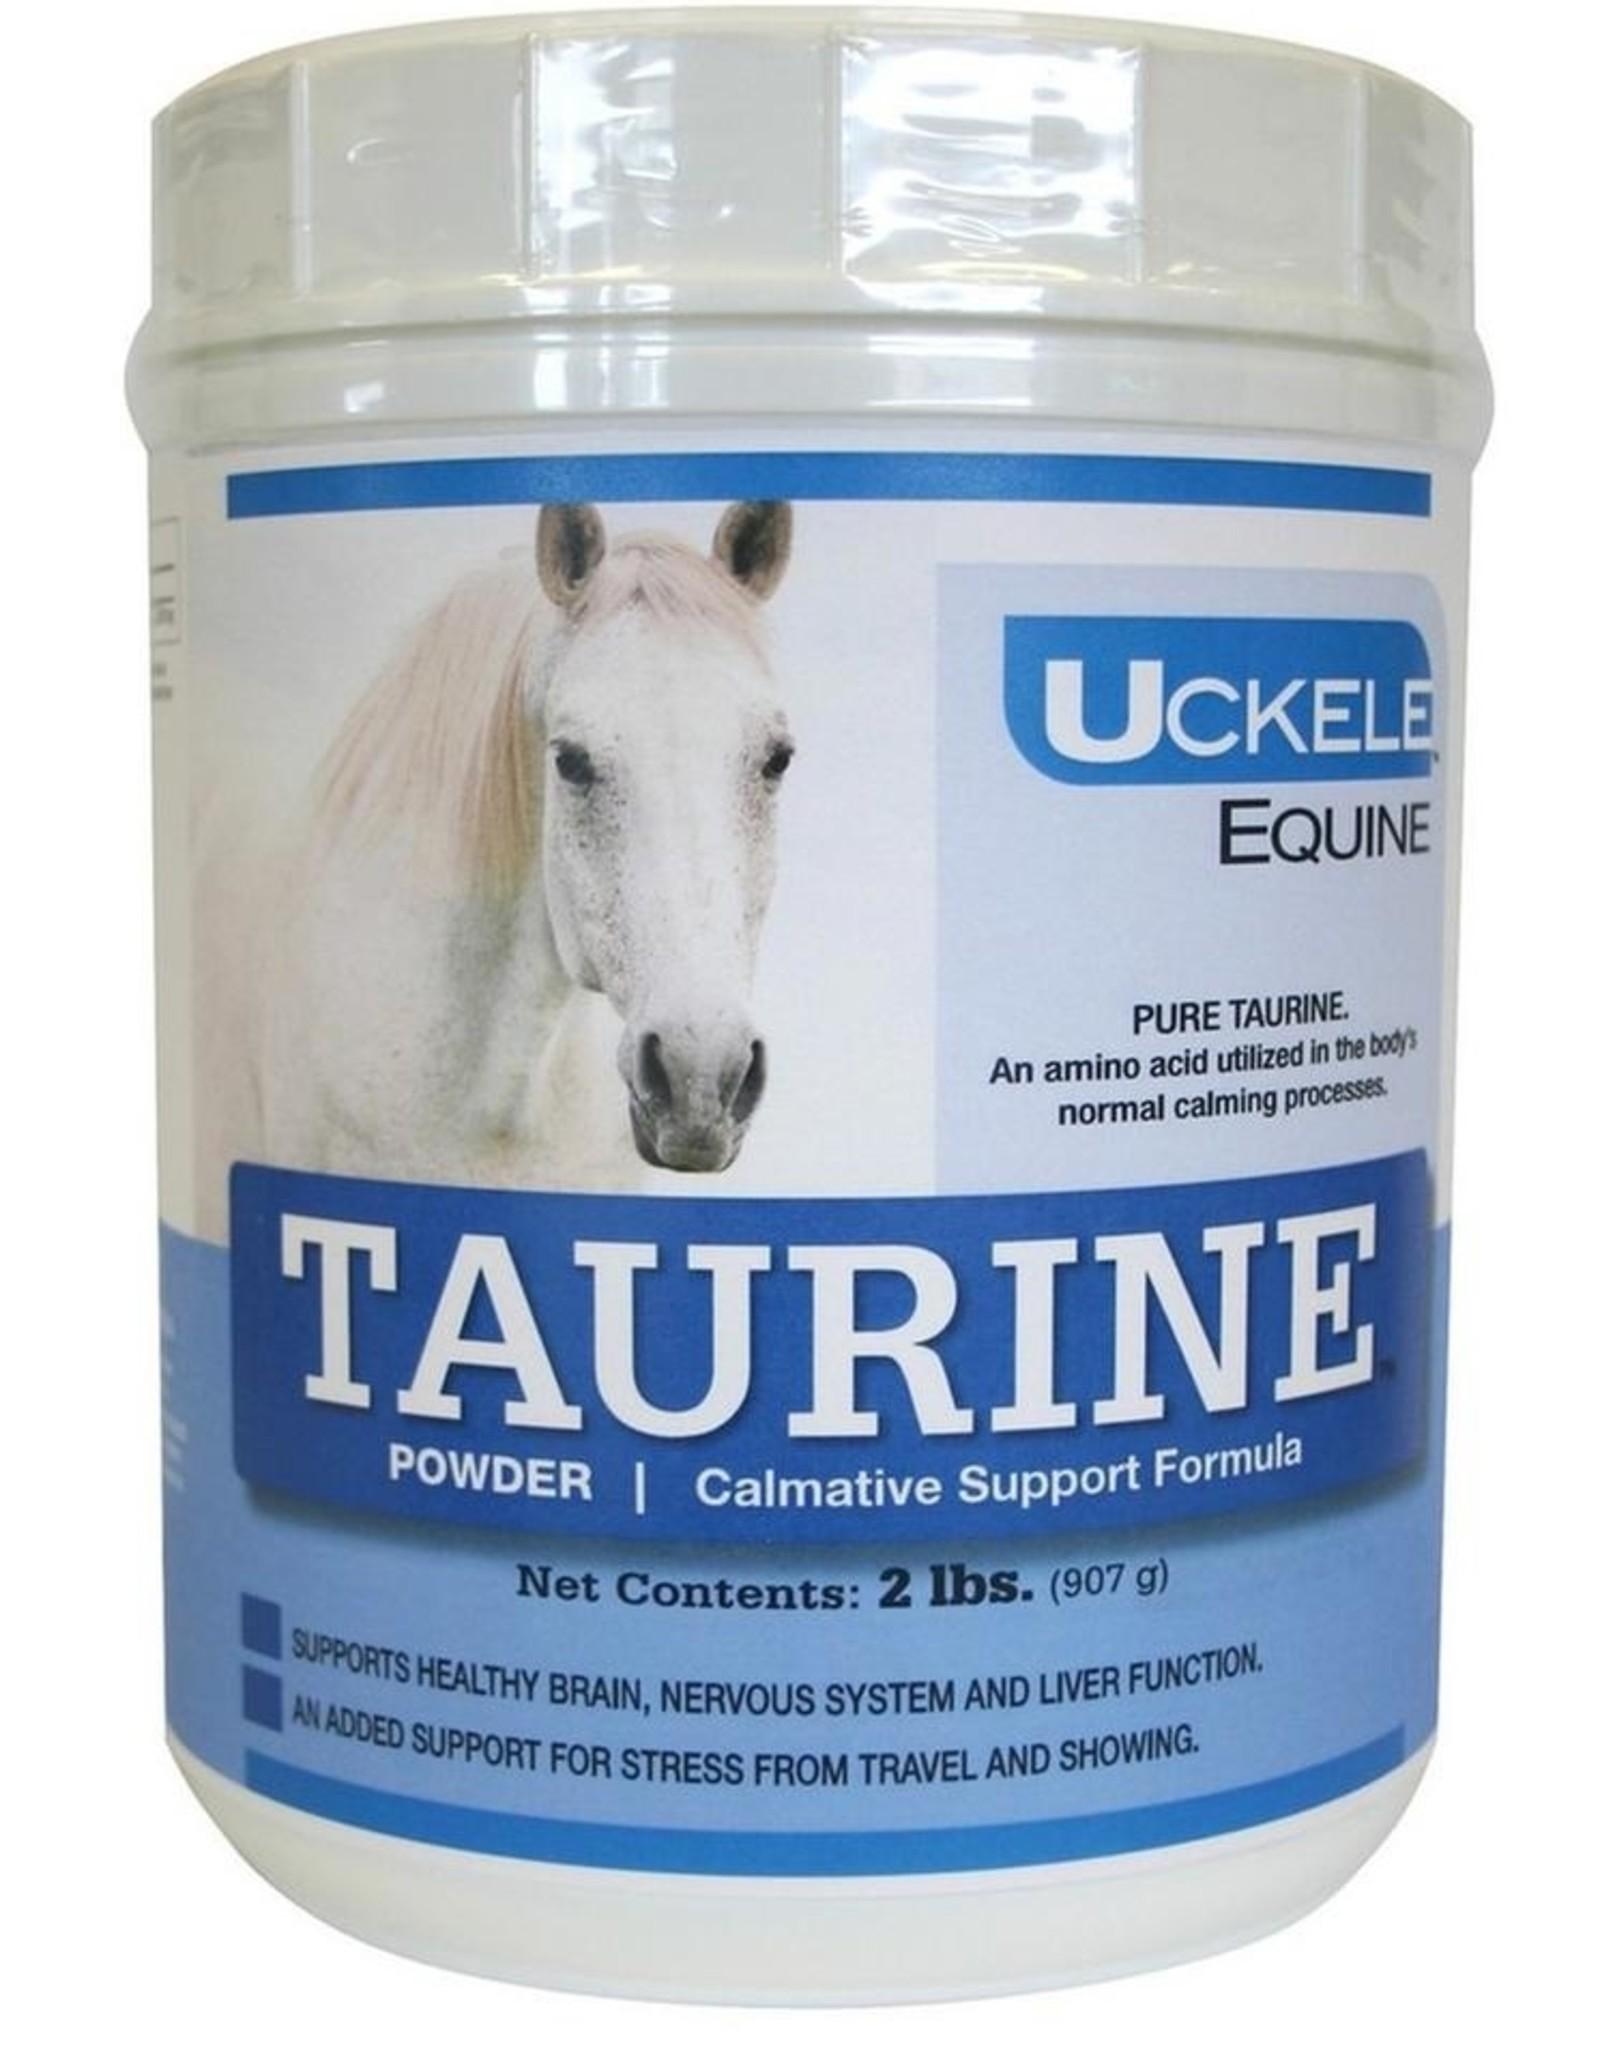 Uckele Taurine - 2lb